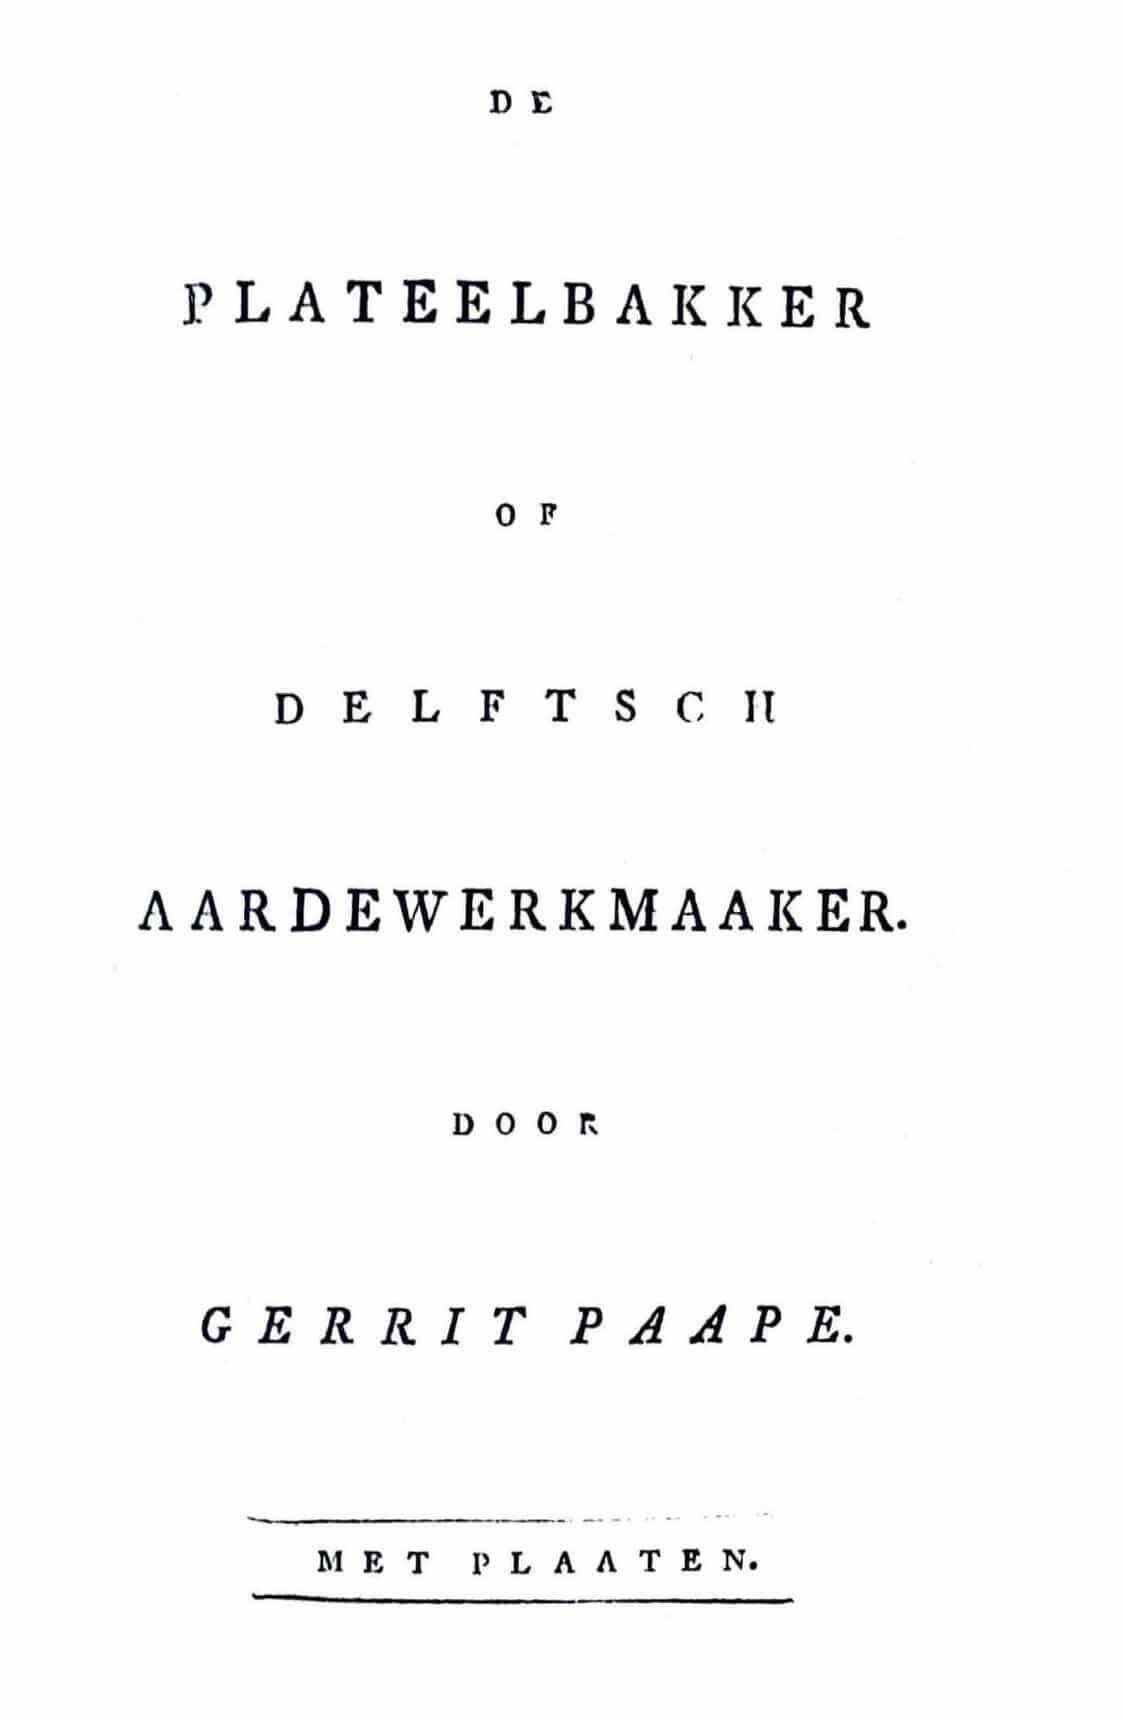 Titelblad De Plateelbakker